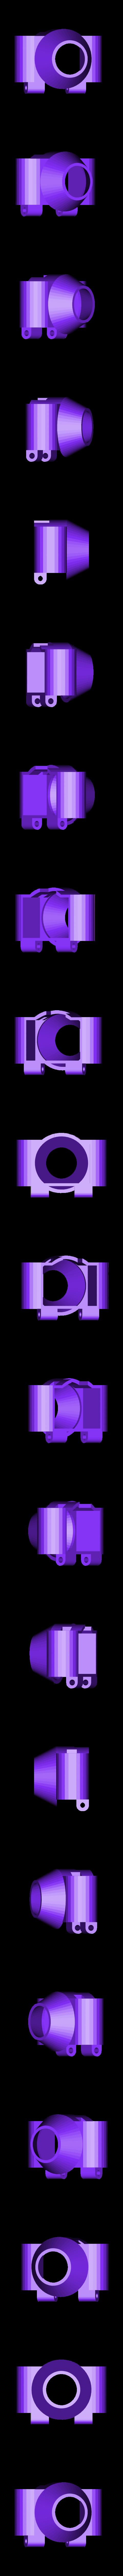 Protection pod Camera TX01and TX02 for 1.75mm.stl Descargar archivo STL gratis Protección de la cámara FPV TPU Eachine TX01 / TX02 / TX03 • Diseño para la impresora 3D, Microdure